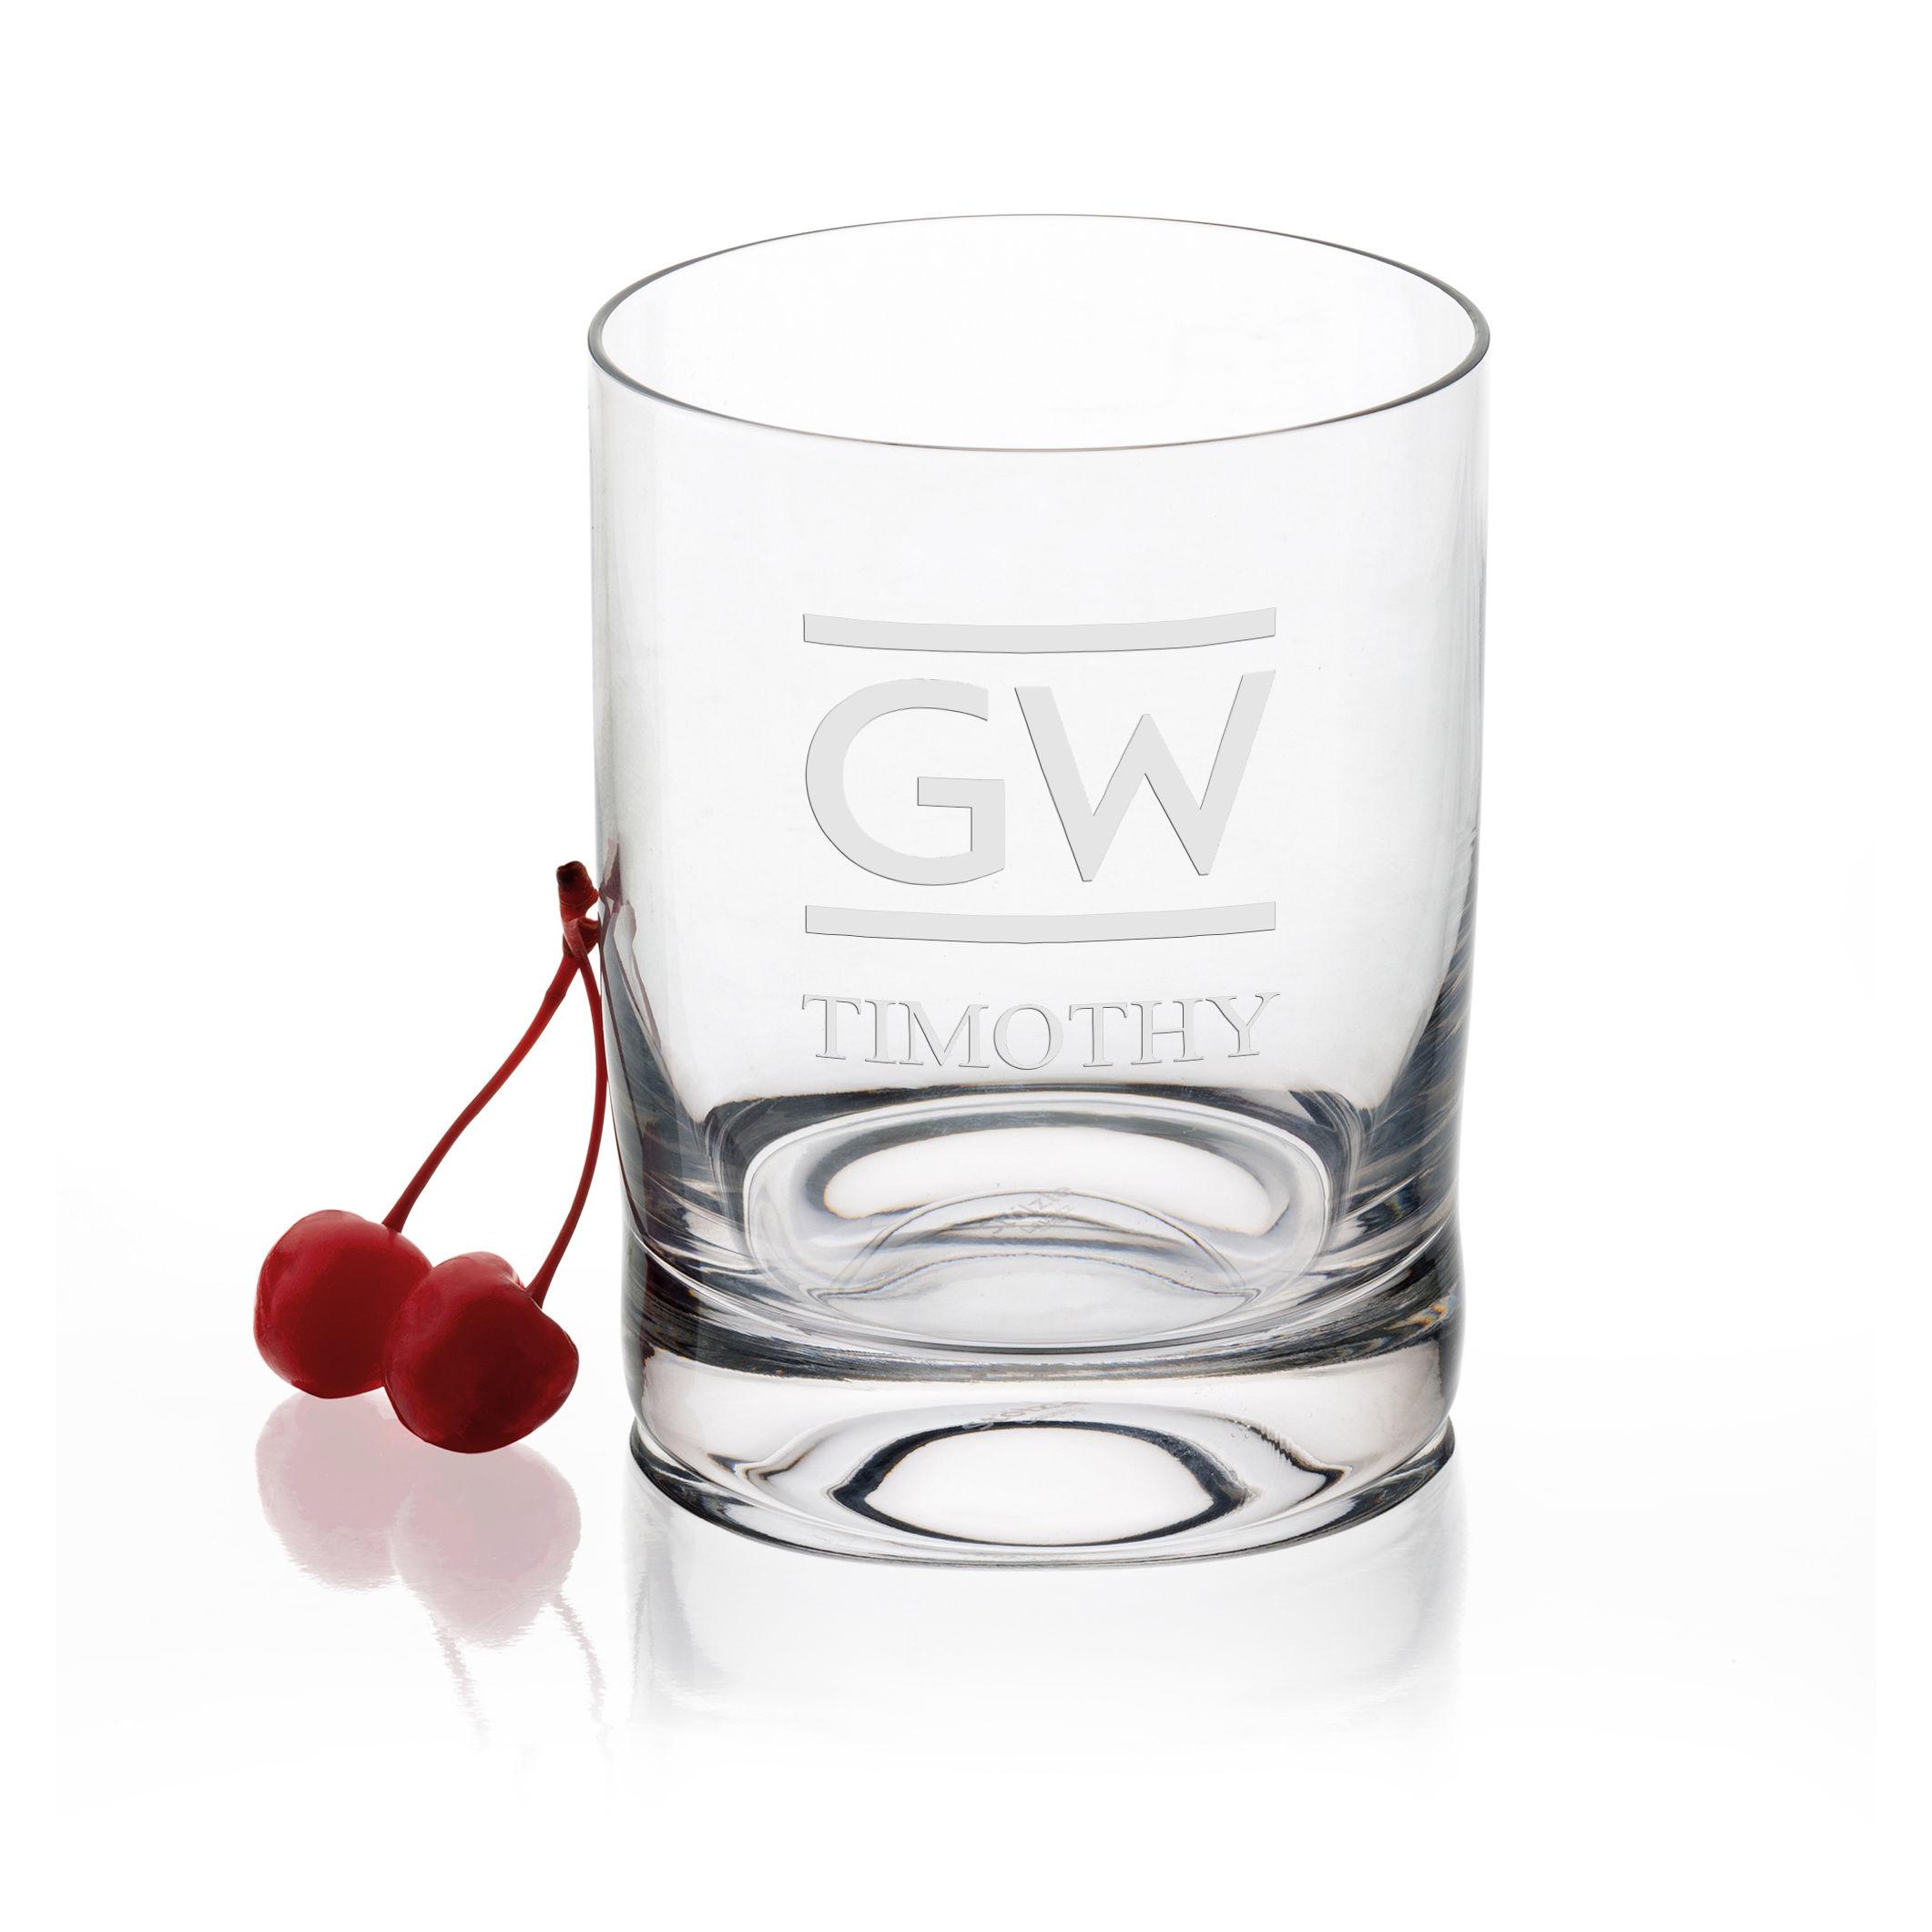 George Washington University Tumbler Glasses - Set of 4